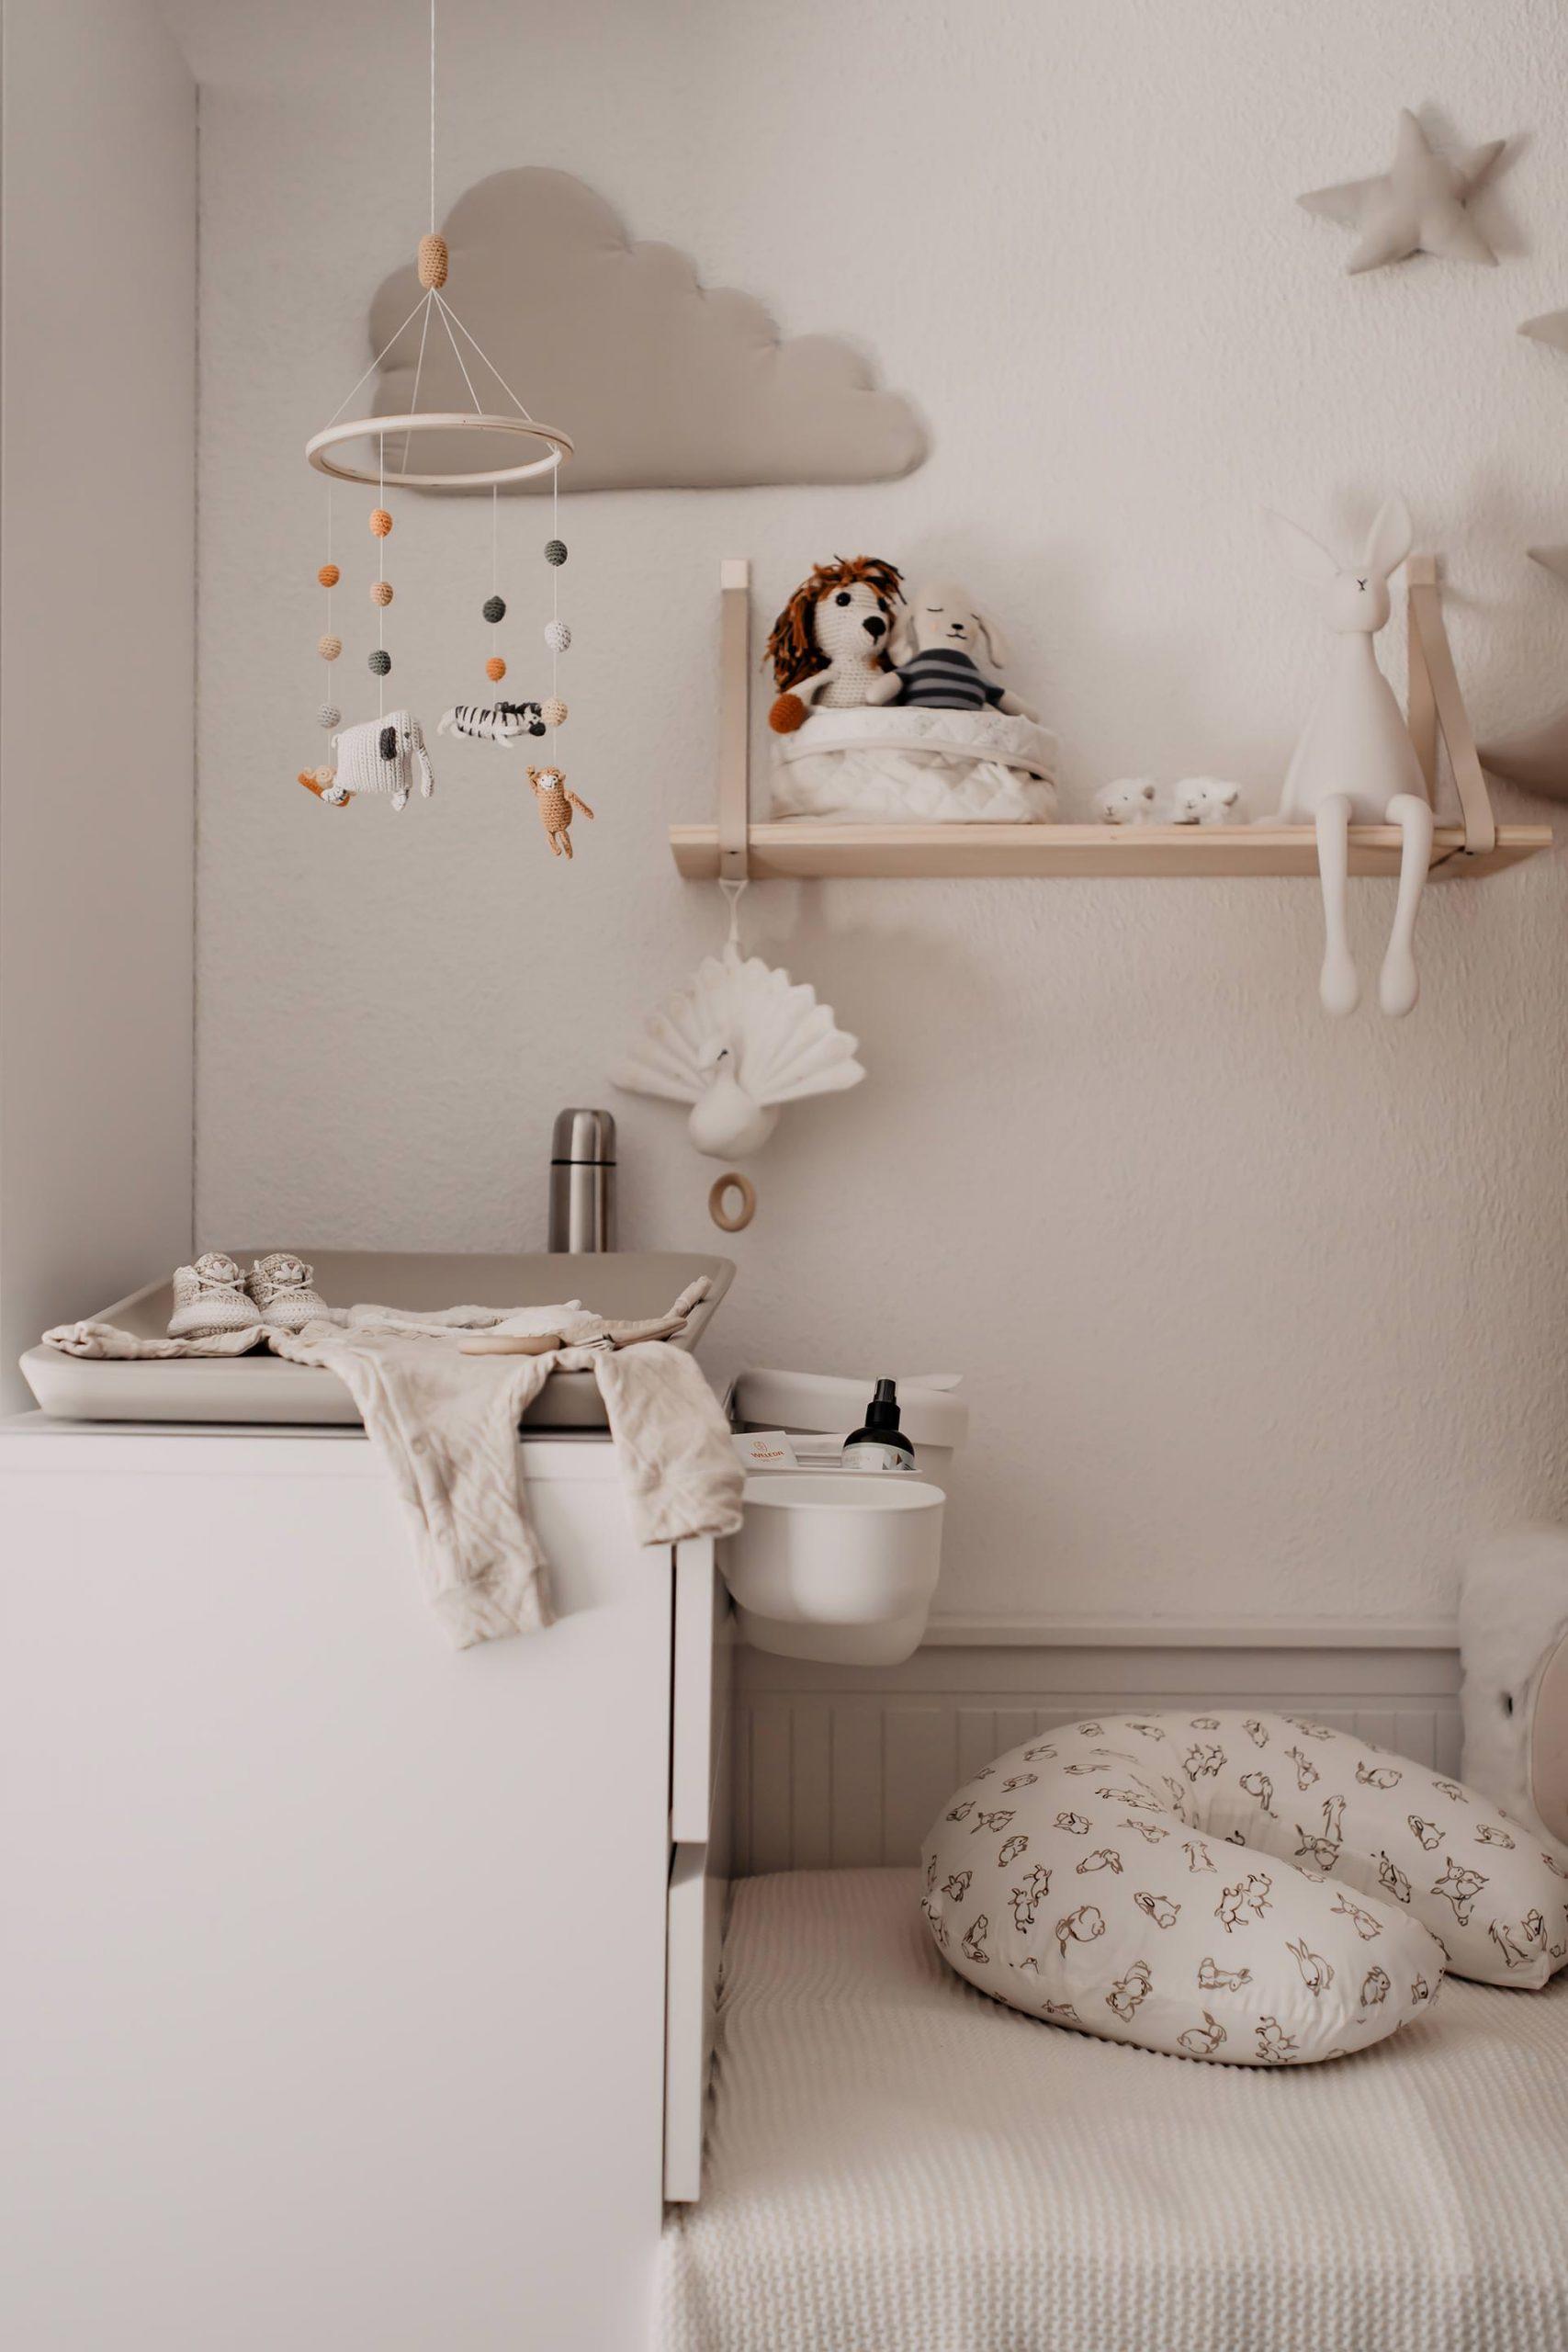 babyzimmer wickelkommode wickelbereich wickeltisch malm hemnes leander mamablog whoismocca 14 1 scaled